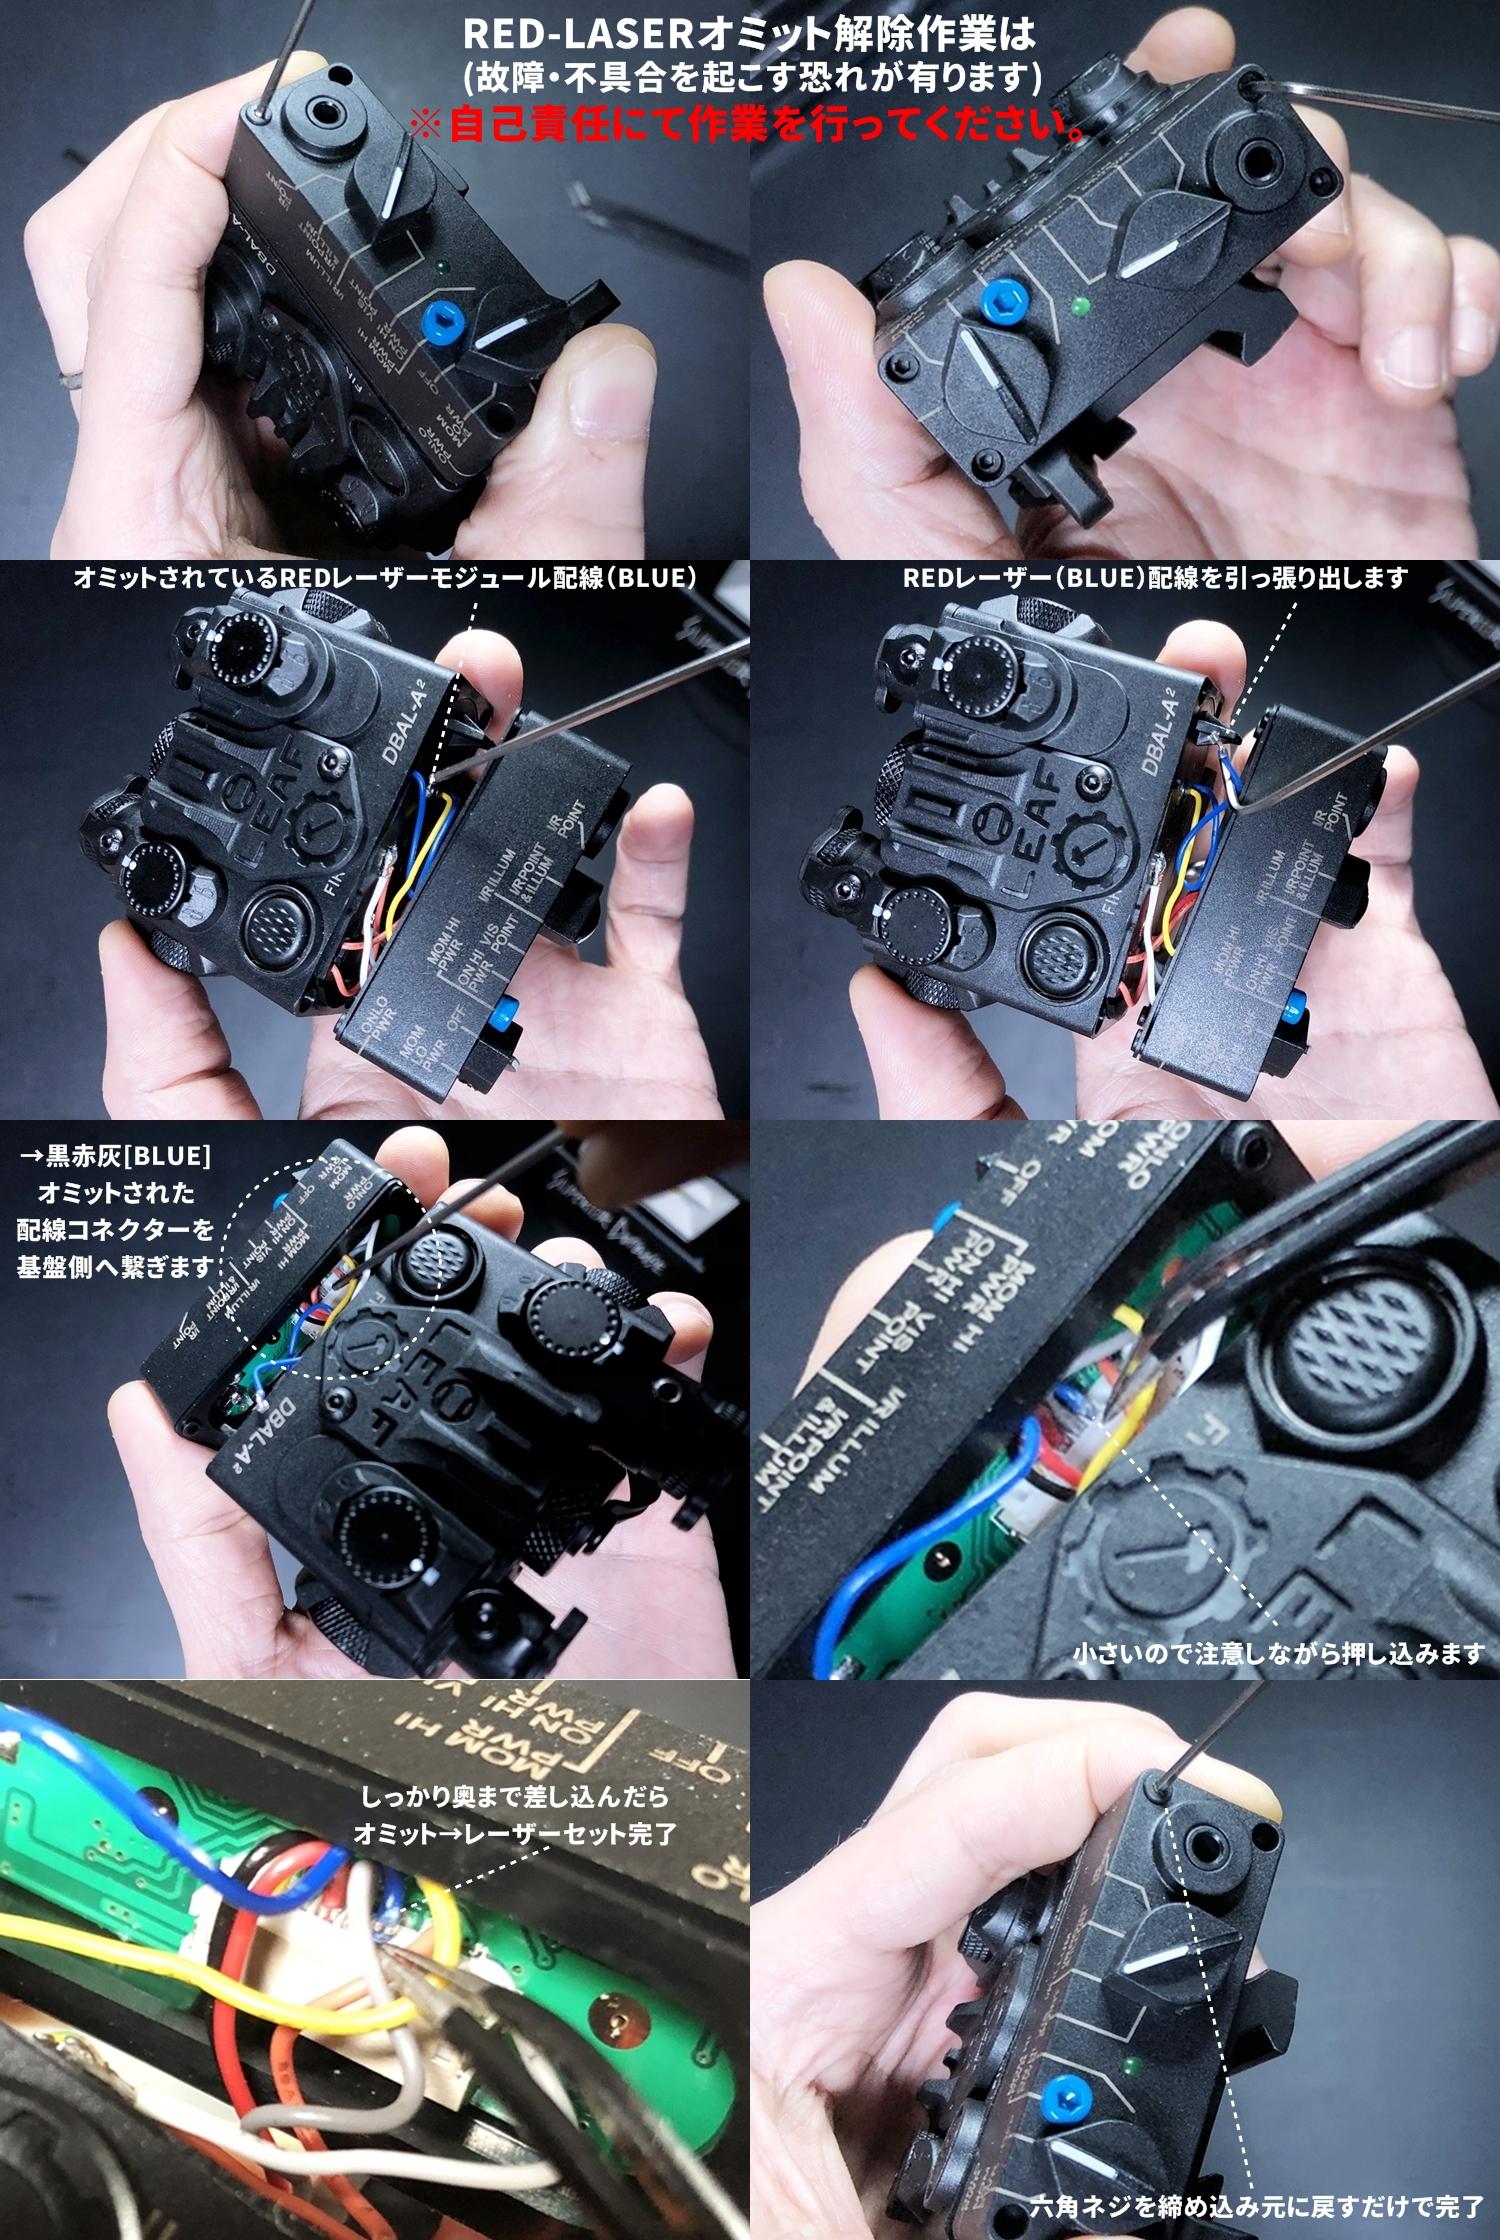 11 SOTAC GEAR DBAL-A2 ANPEQ-15A!! 巷で噂の新製品!!軽量ナイロン製だ!!果たしてLEDライト機能だけなのか! レーザーオミット解除方法!! 購入 検証 比較 解除 取付 レビュー!!